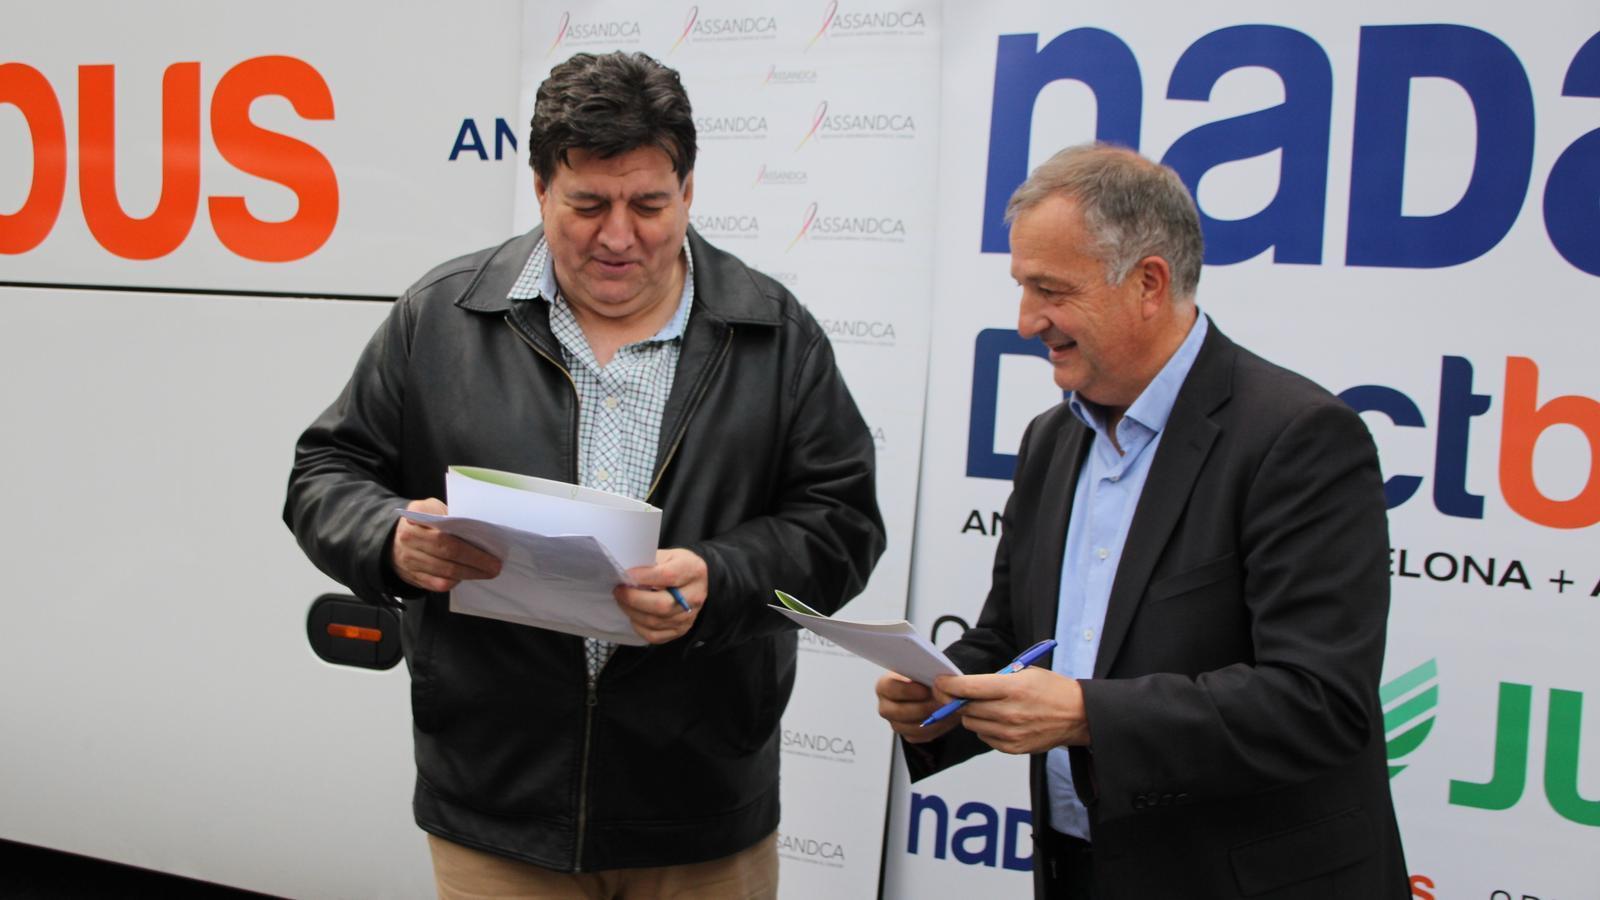 Bartomeu Gabriel, director d'Autocars Nadal Sau i Josep Maria Saravia, president d'Assandca, en el moment de la signatura. / M. R. F.